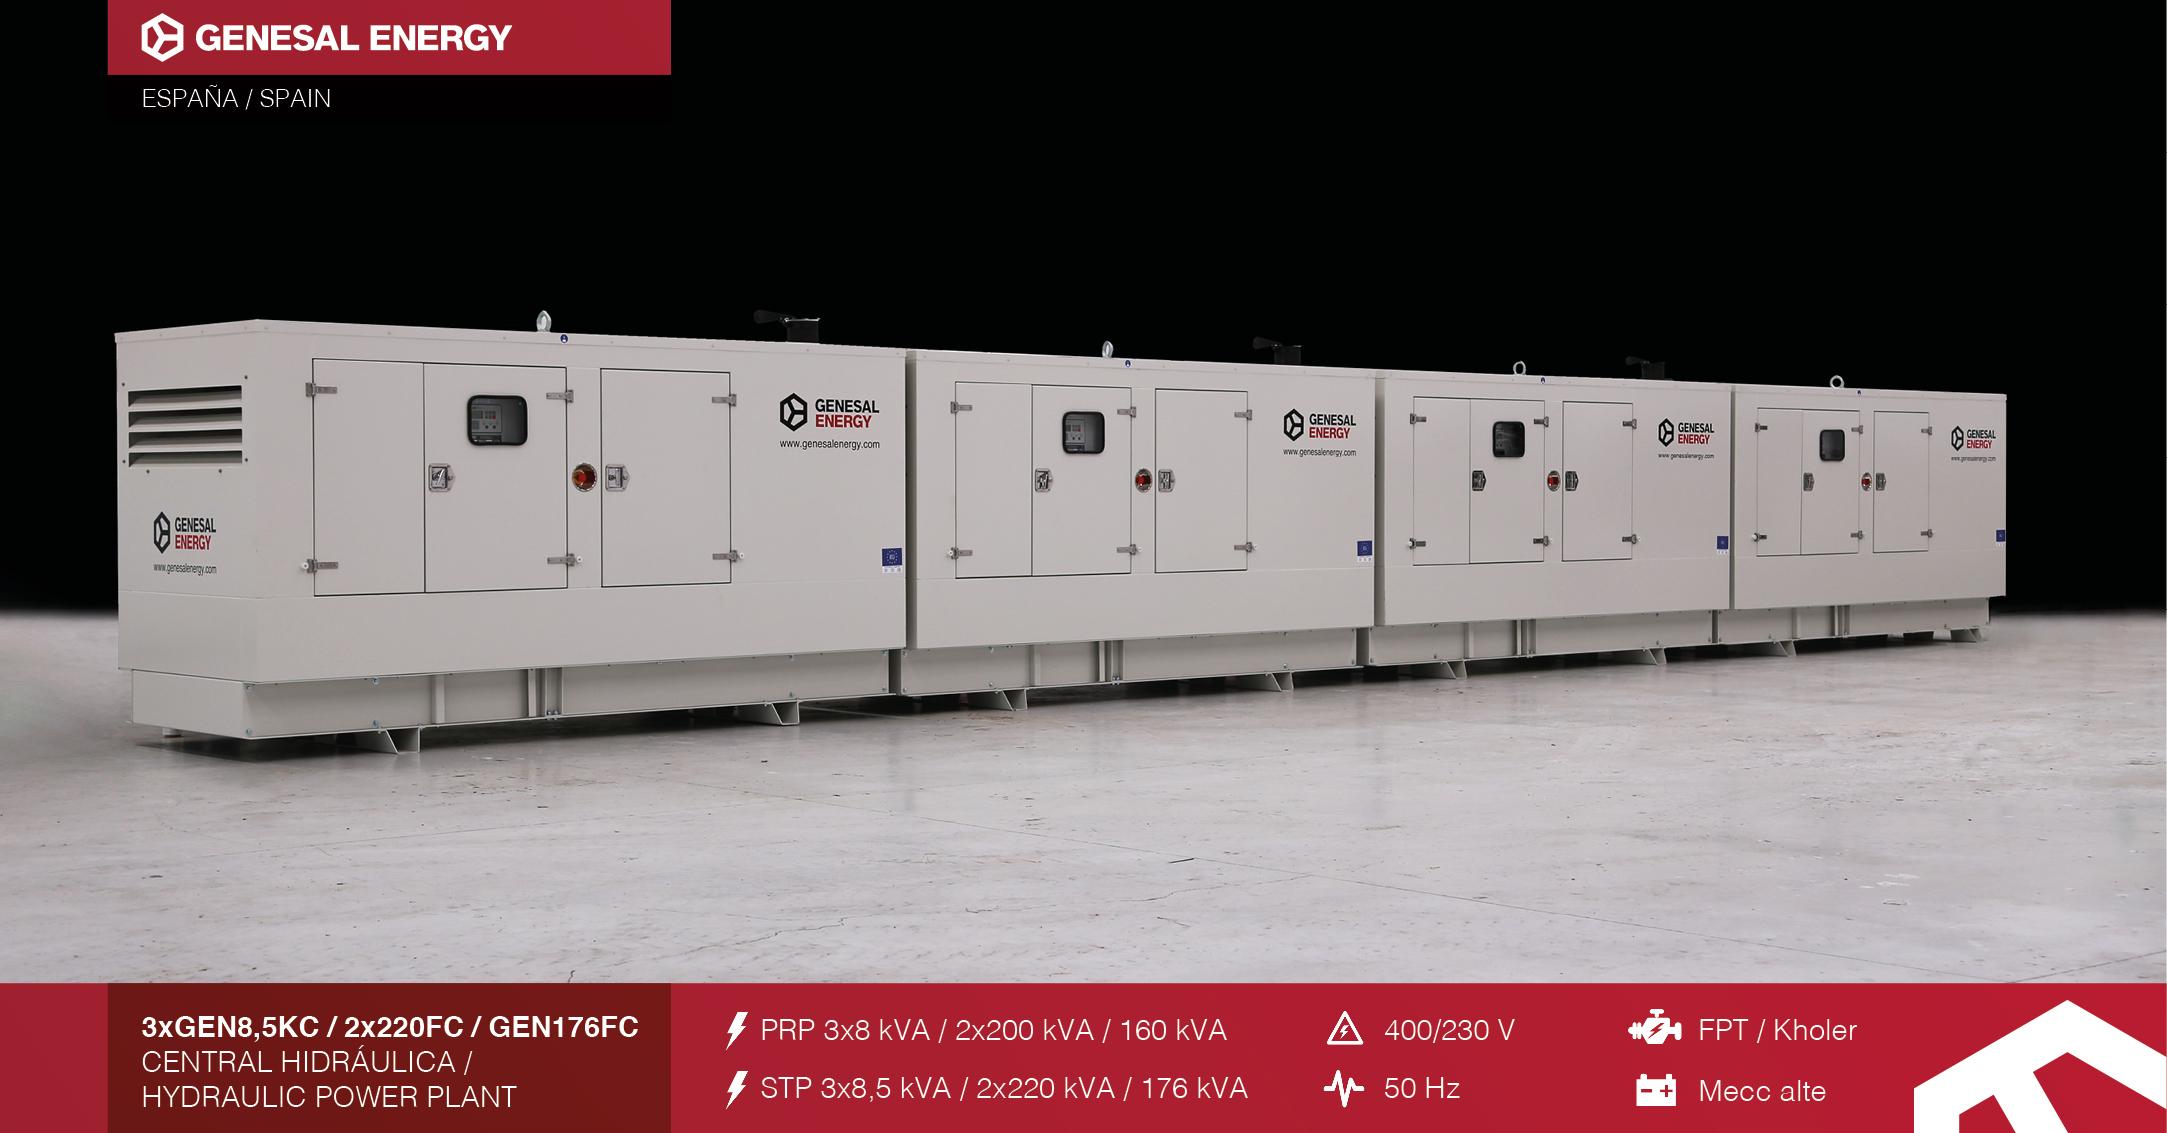 Suministramos energía de emergencia gracias a que hemos diseñado e instalado grupos electrógenos en la cuenca hidrográfica del Miño-Sil.